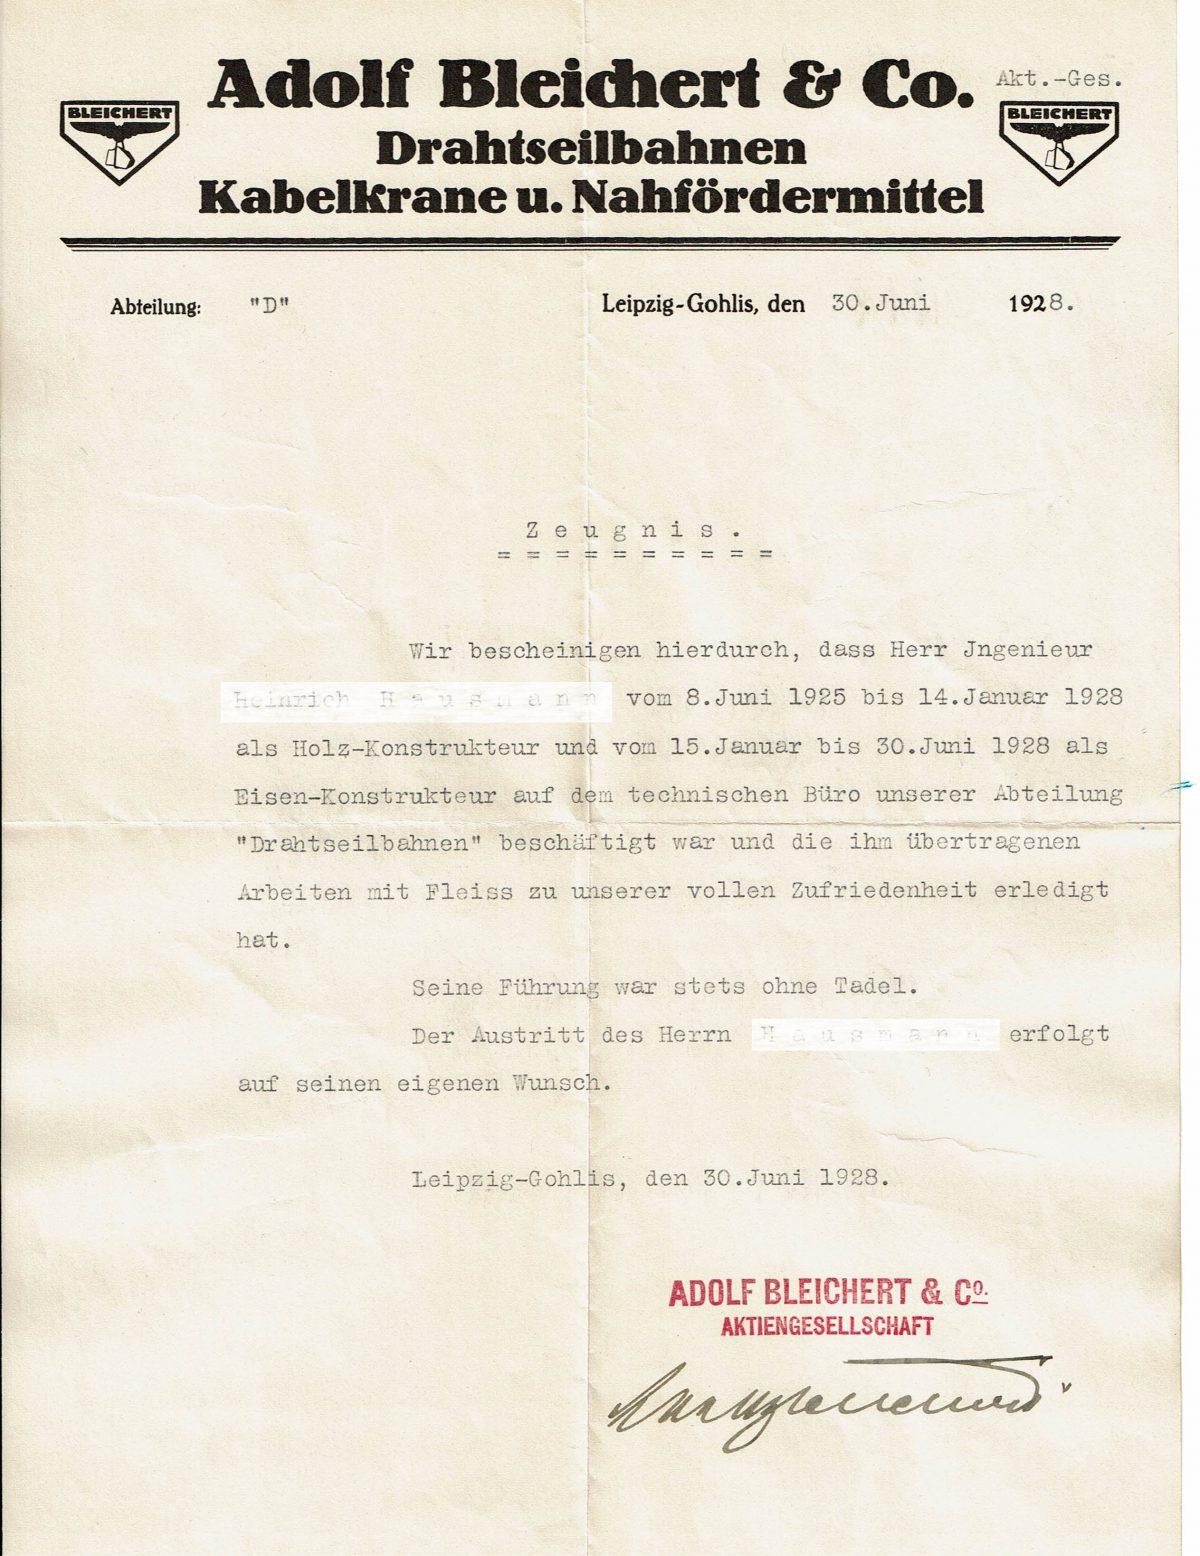 1928 AG.Korrespodenz - Copia